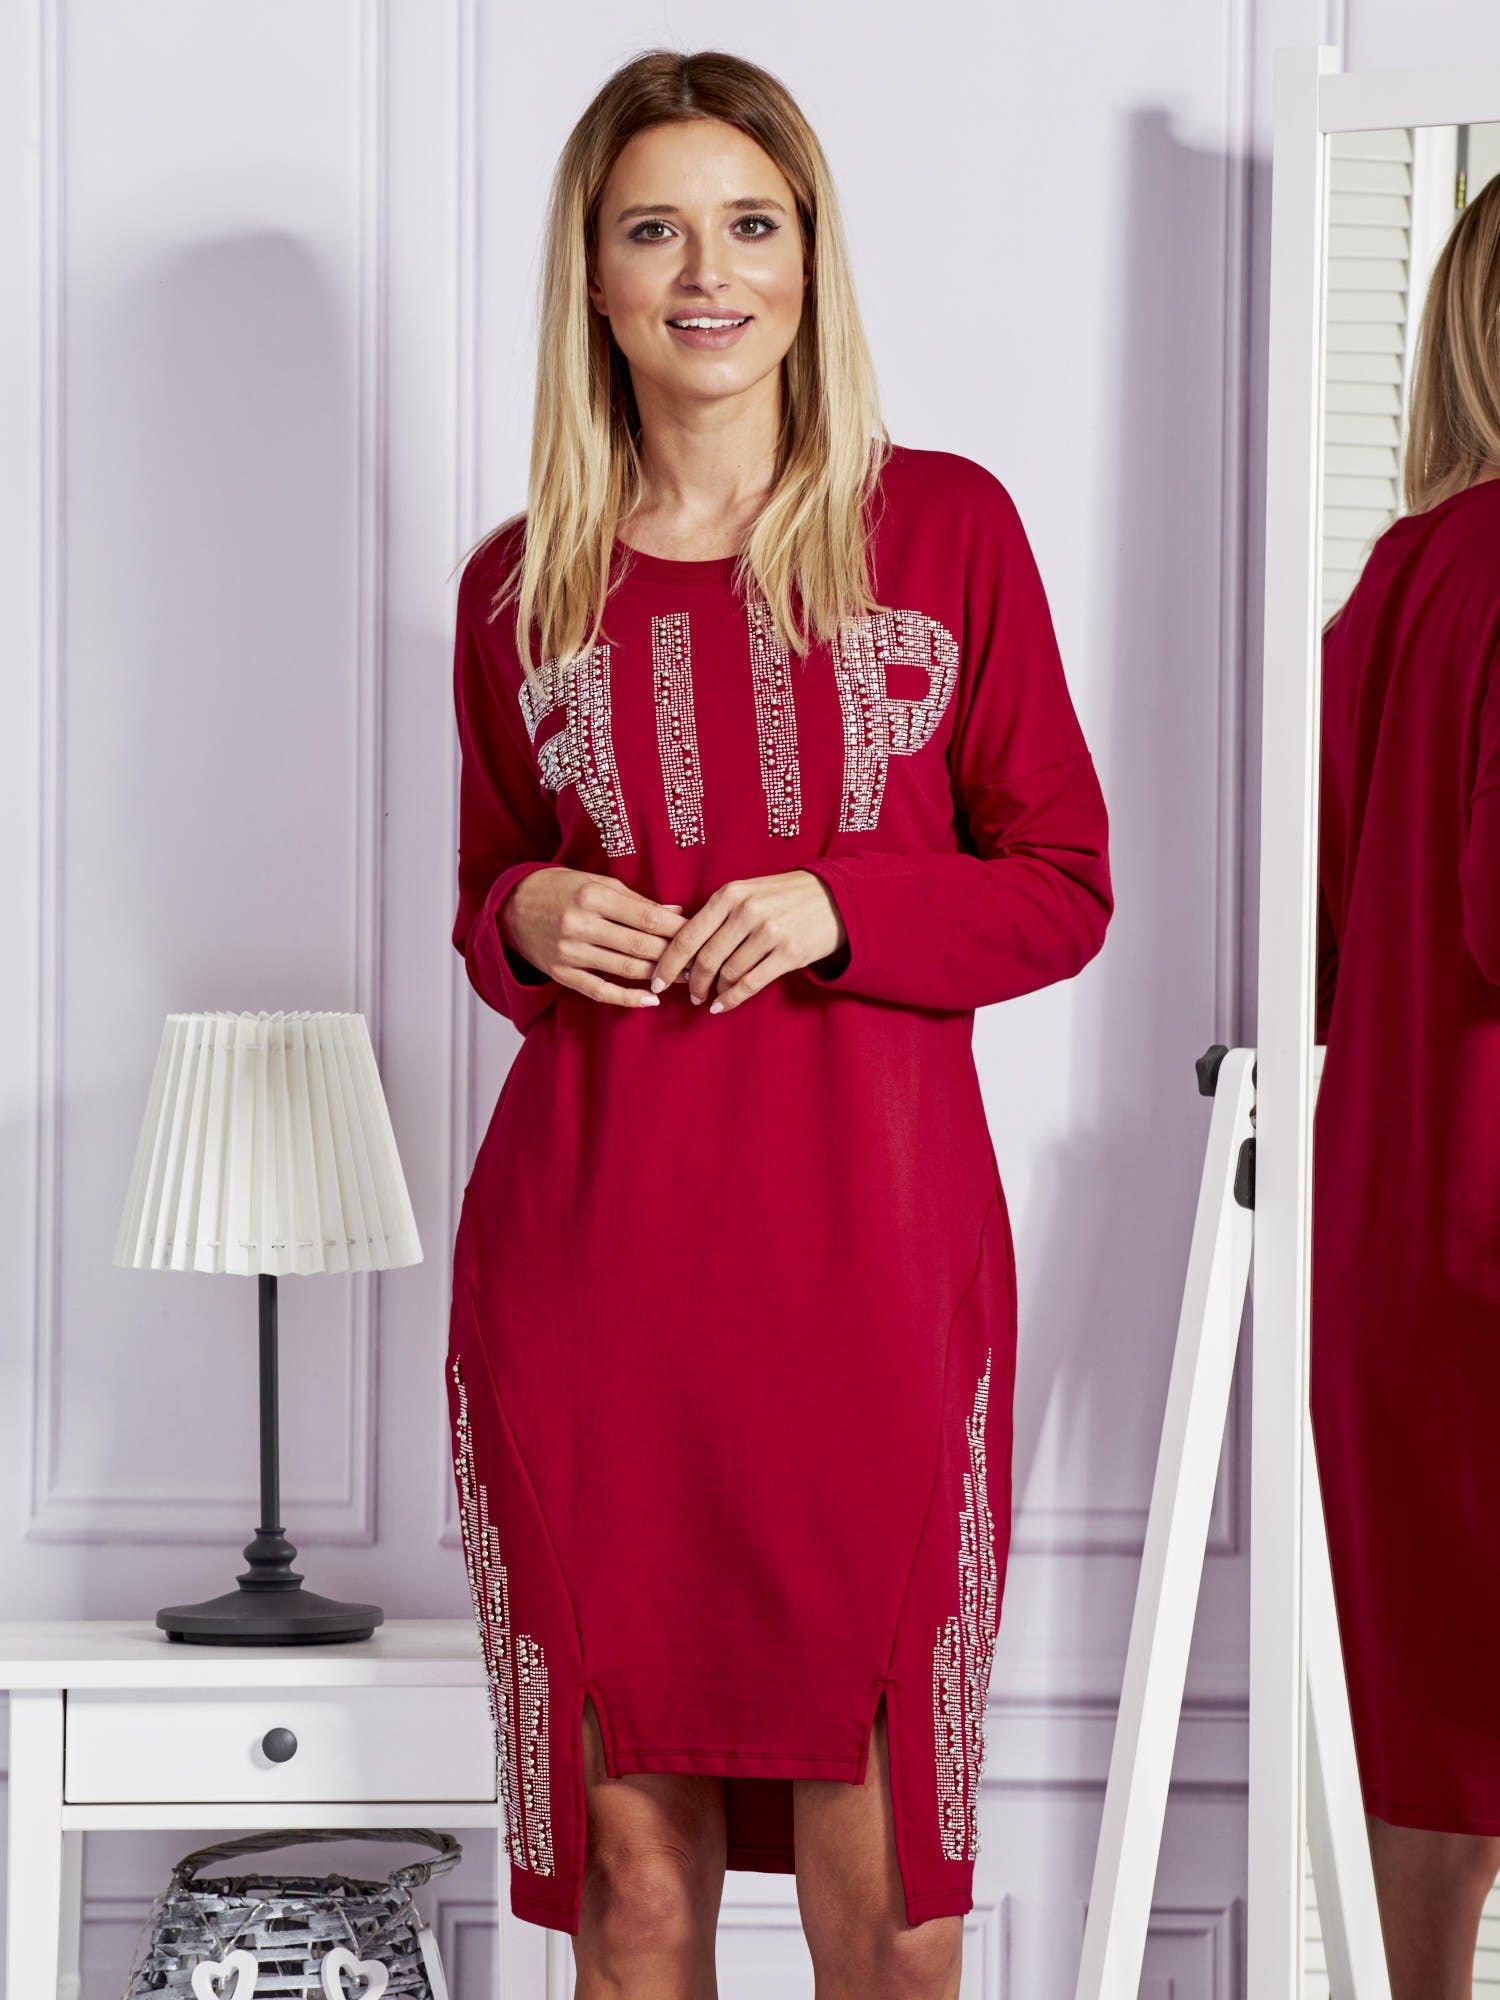 e99c875153 Bordowa sukienka z perełkami i dżetami - Sukienka na co dzień ...